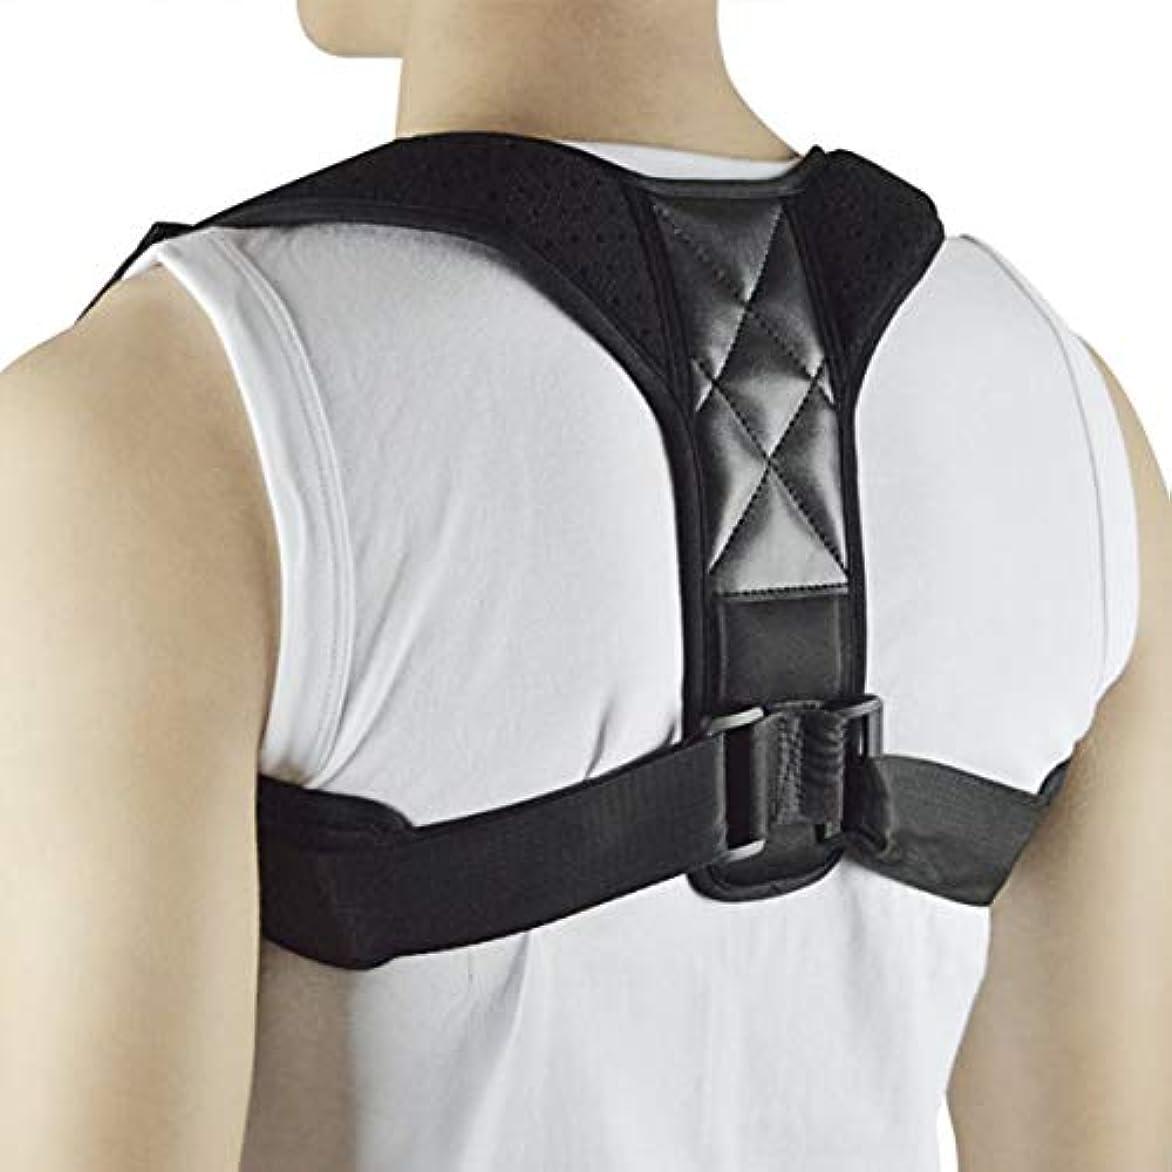 全体動員する官僚WT-C734ザトウクジラ矯正ベルト大人の脊椎背部固定子の背部矯正 - 多色アドバンス